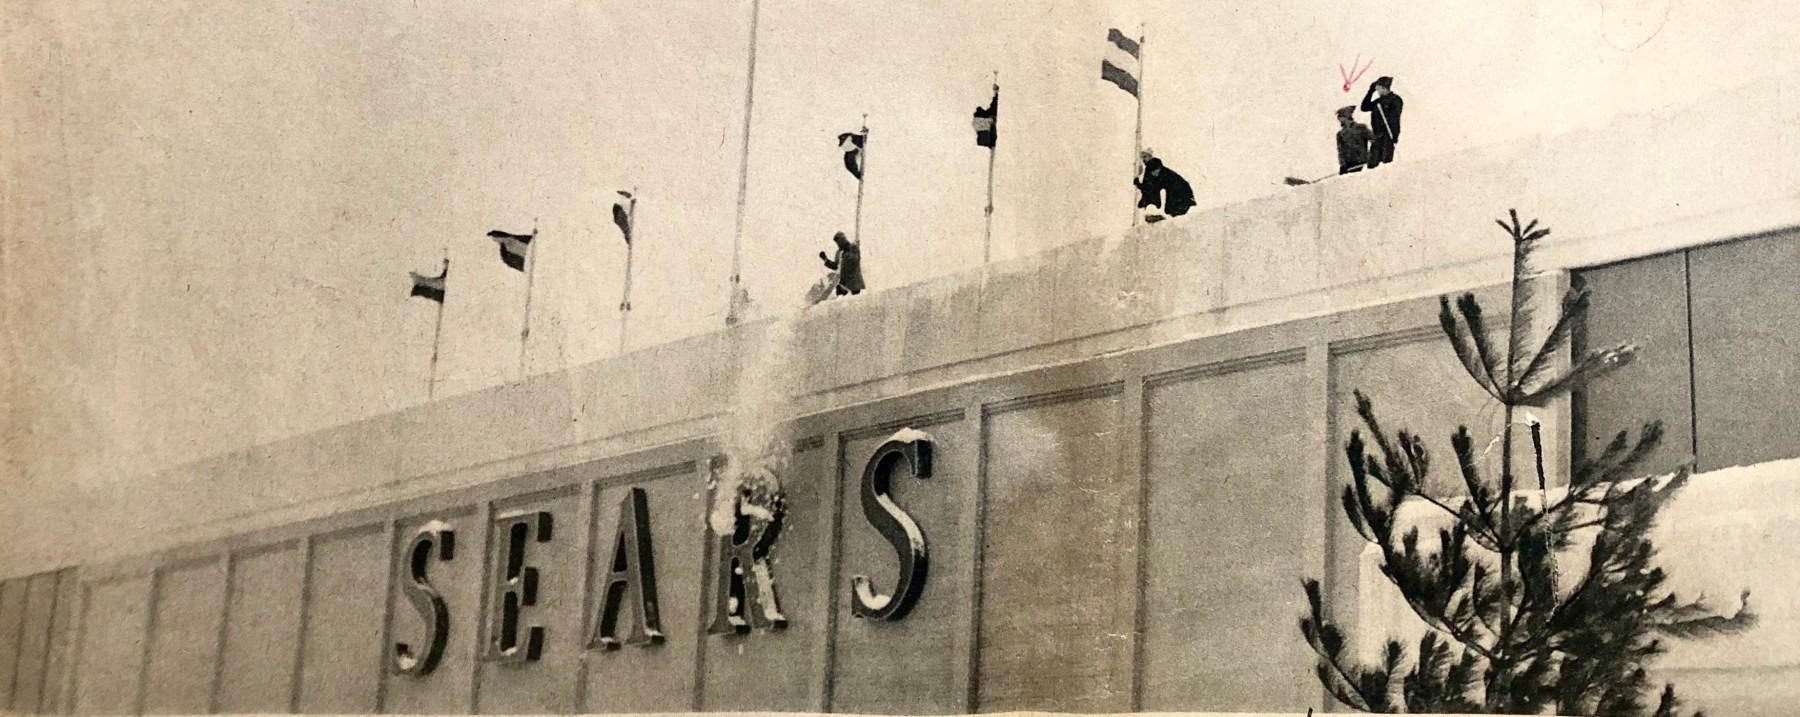 Sears roof shoveling